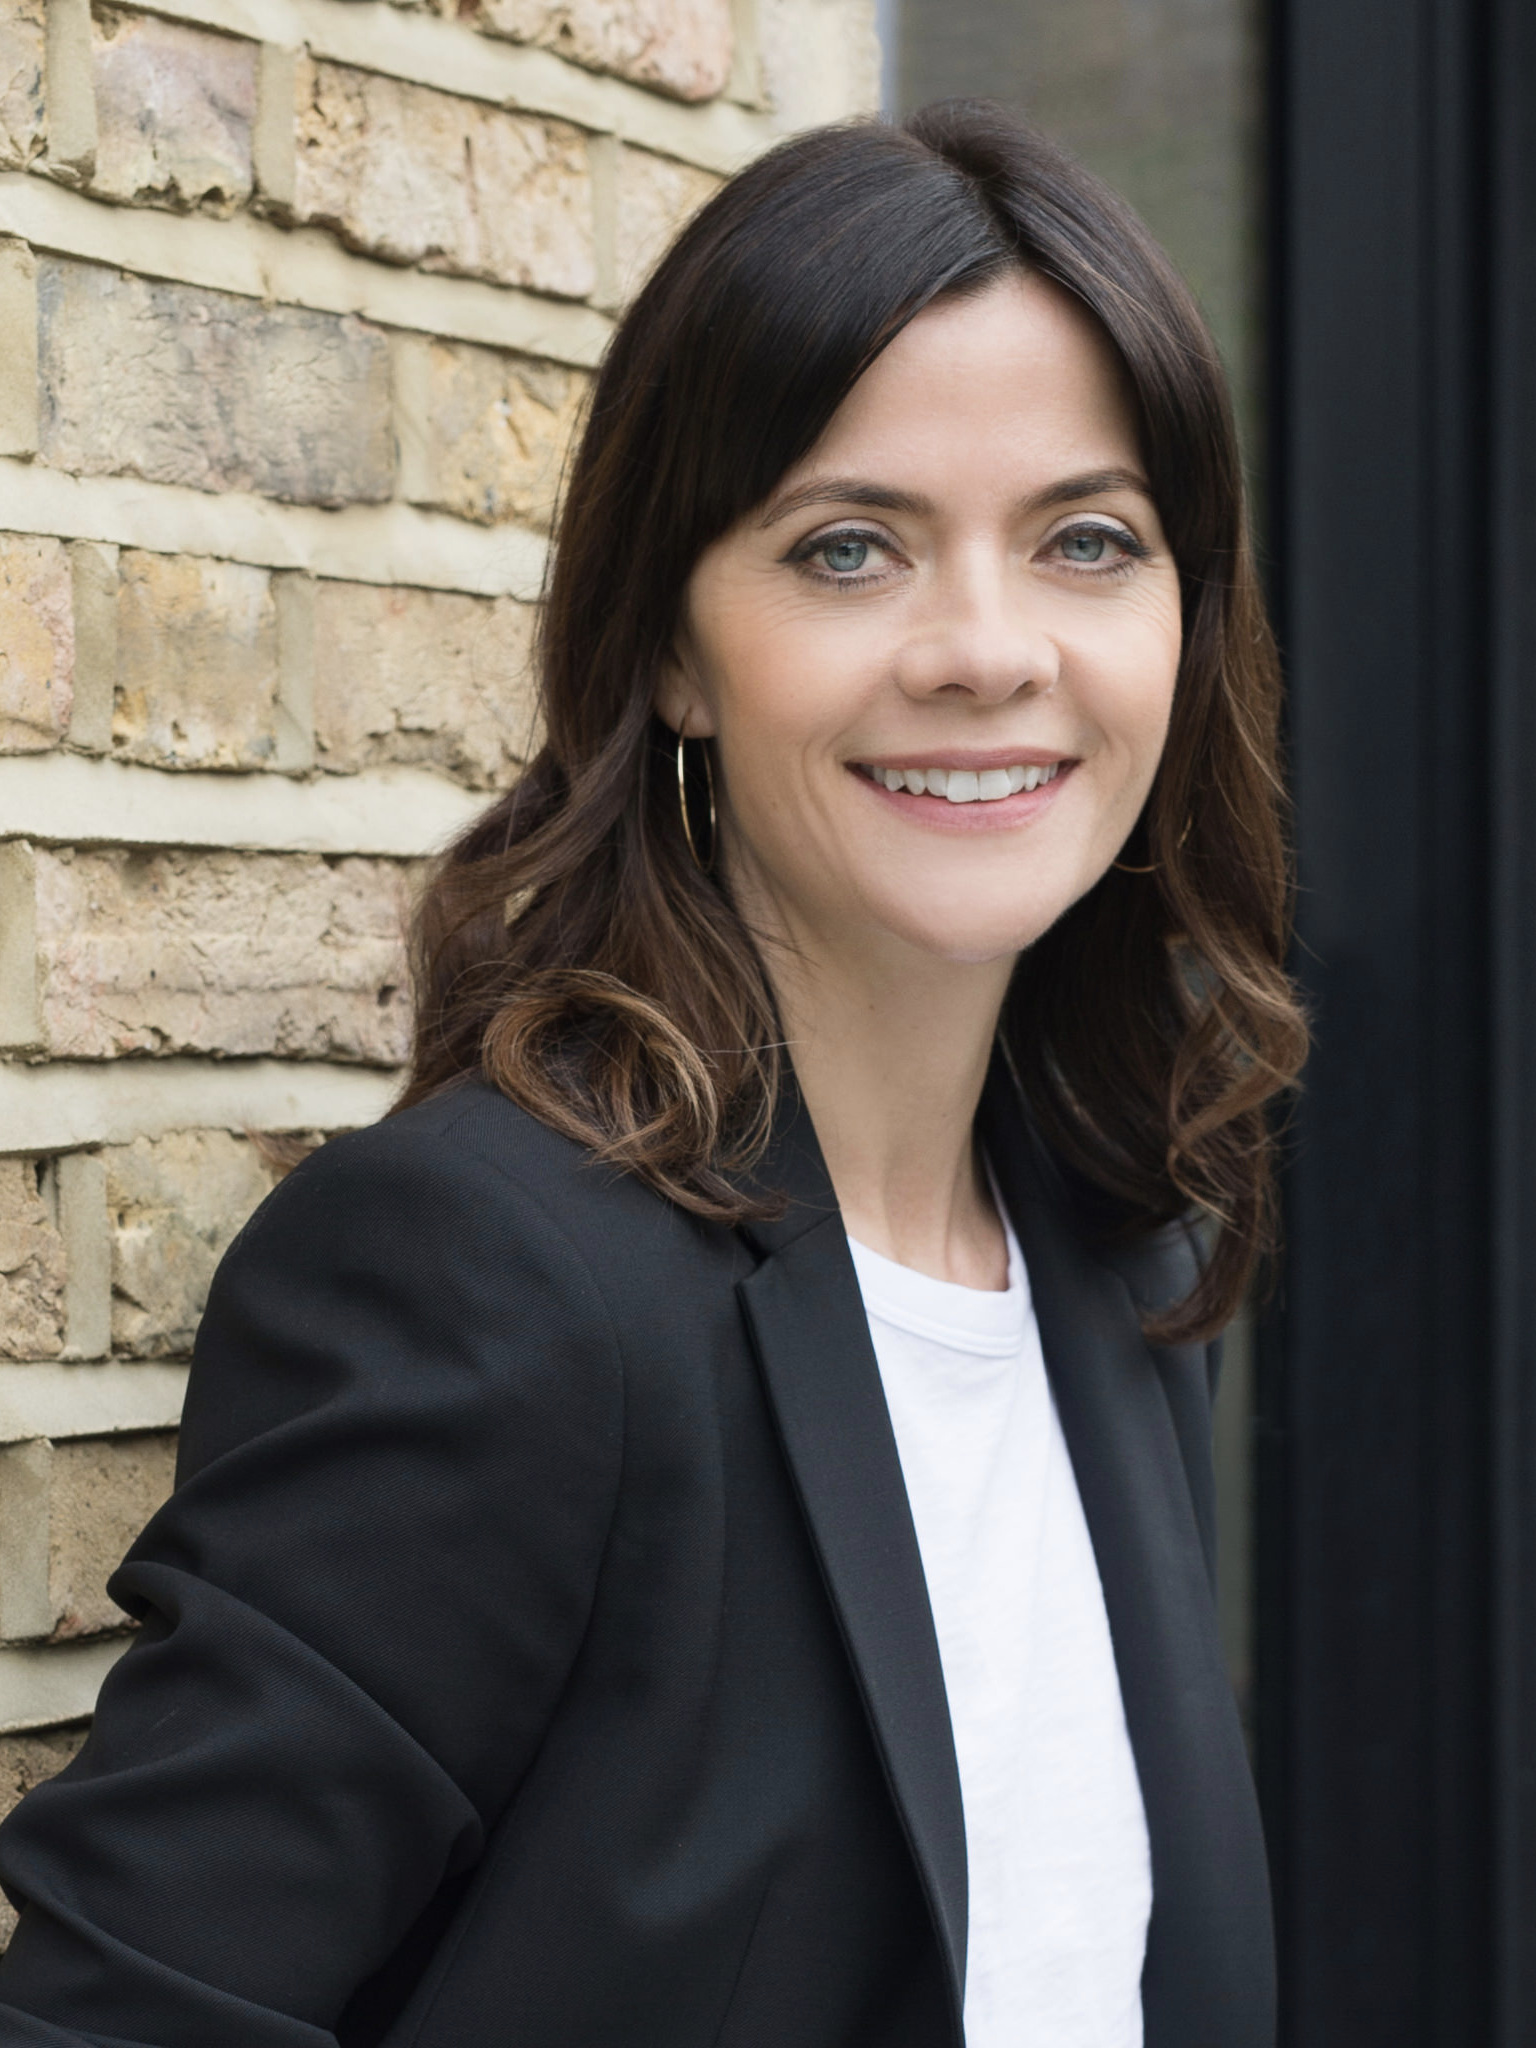 Katherine Sandford-Anderson